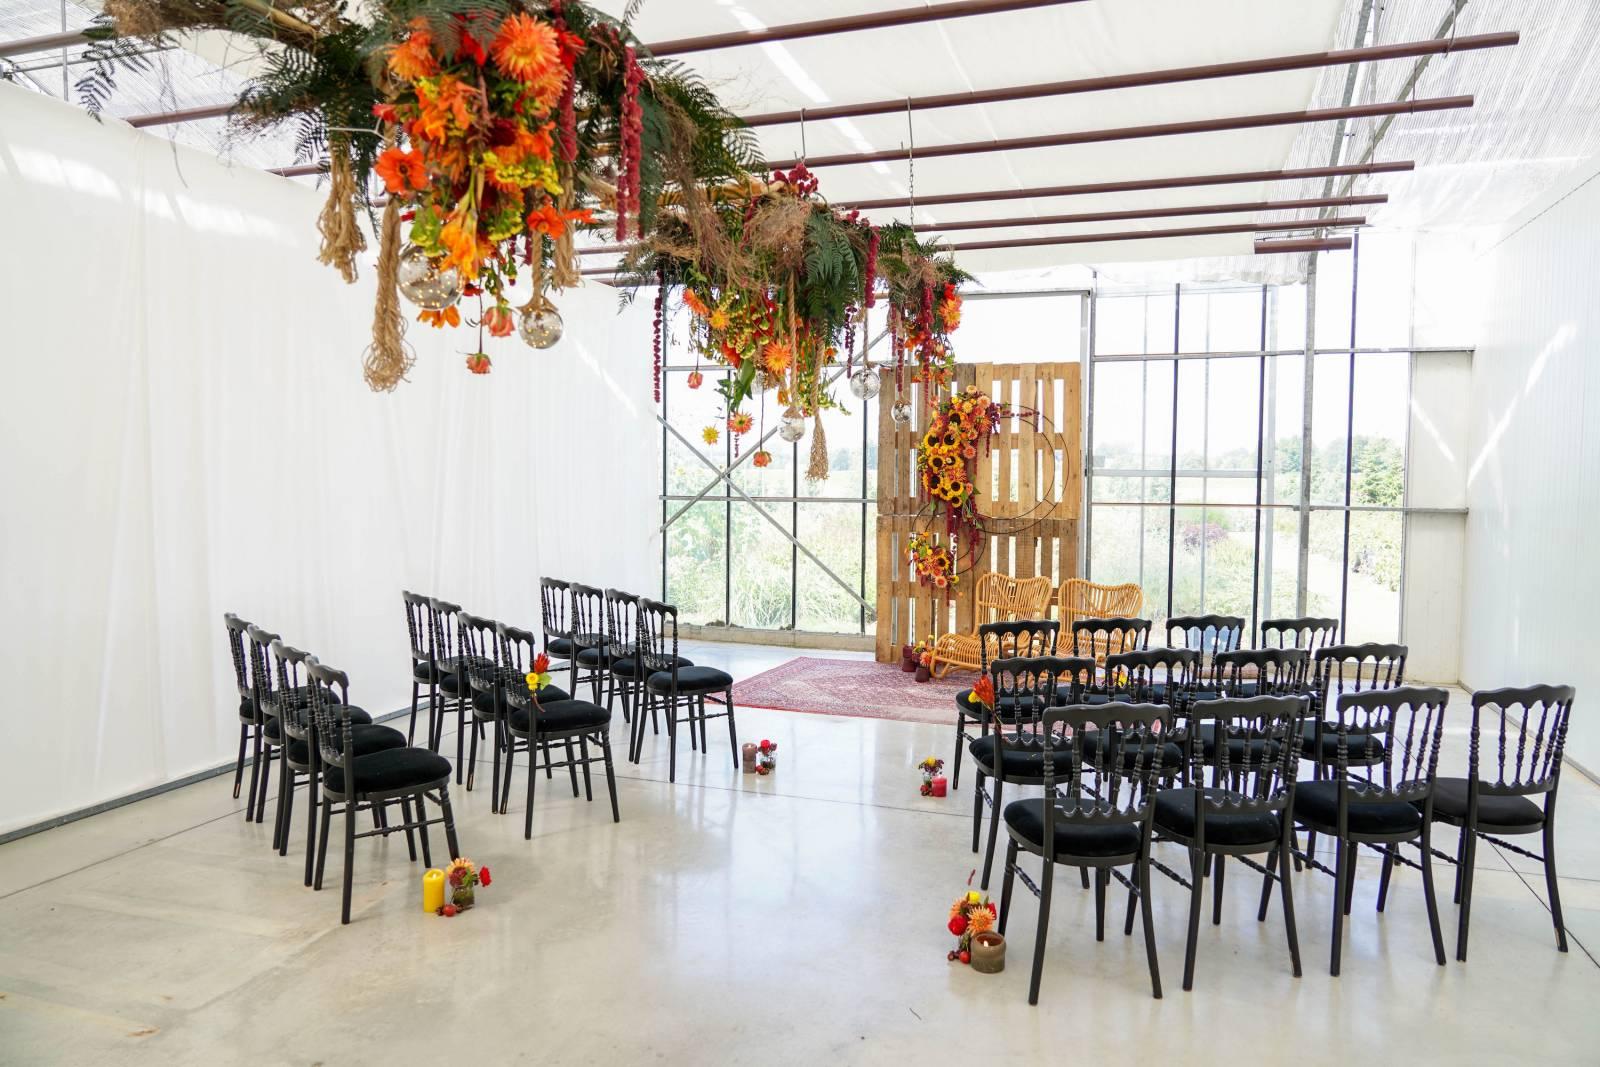 VIVA Blooming - ap5 - House of Weddings